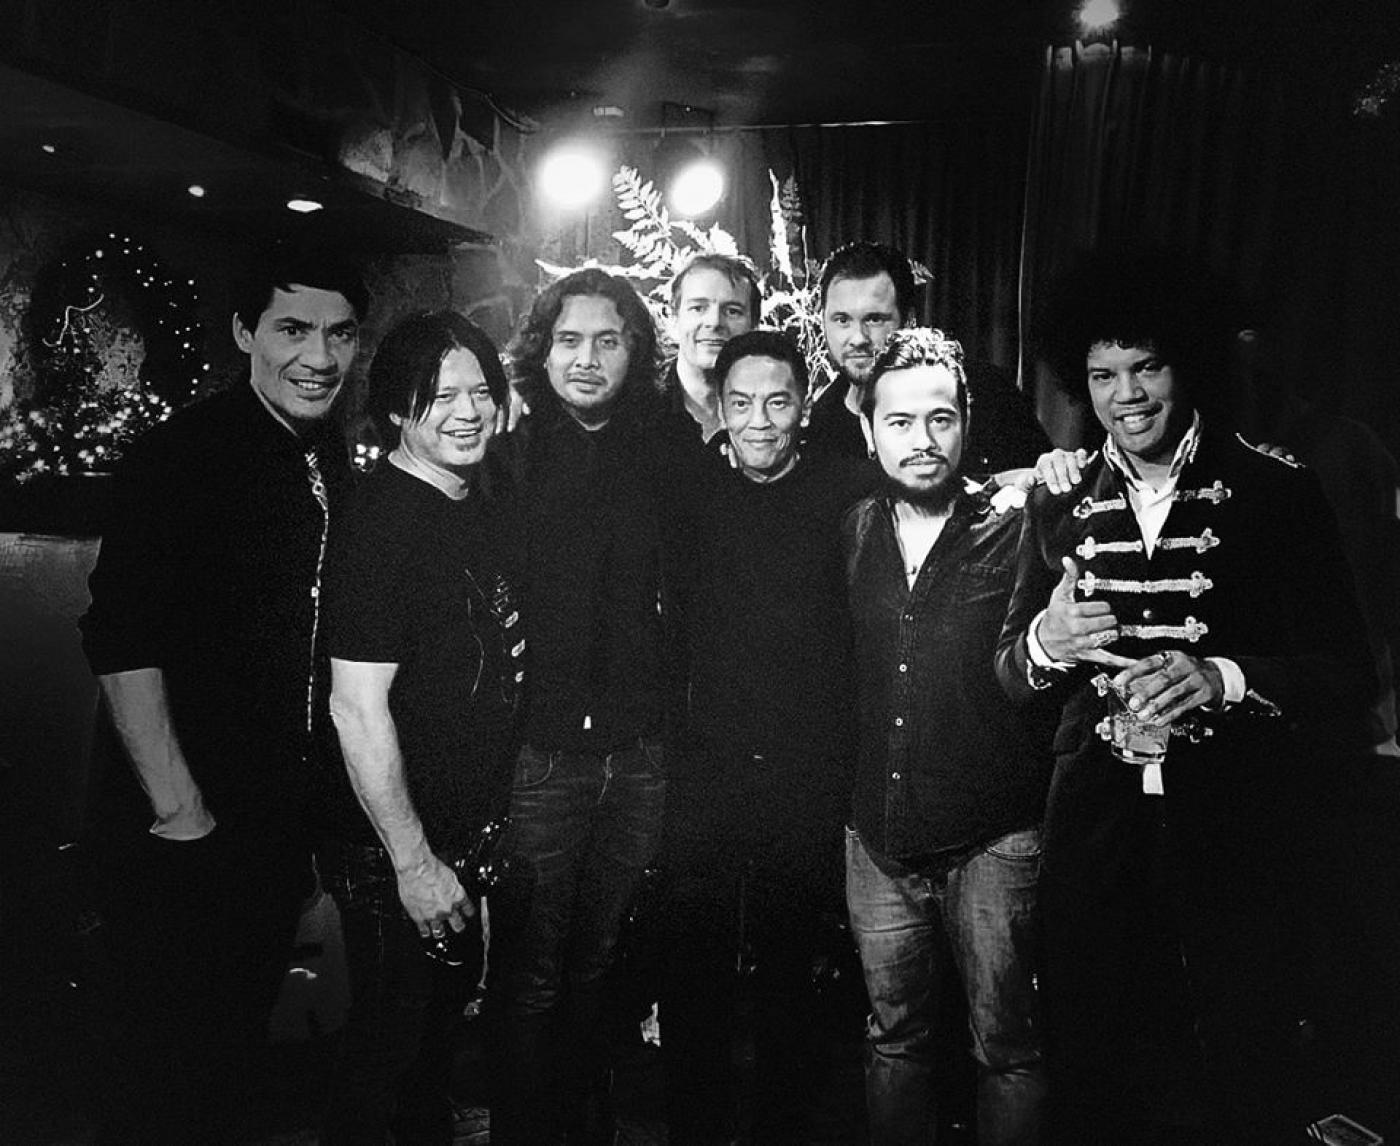 Gino organiseert nog maandelijks muzikale sessie Soulfood met top-profmusici in Mexicaans restaurant Gringo's in Doetinchem.